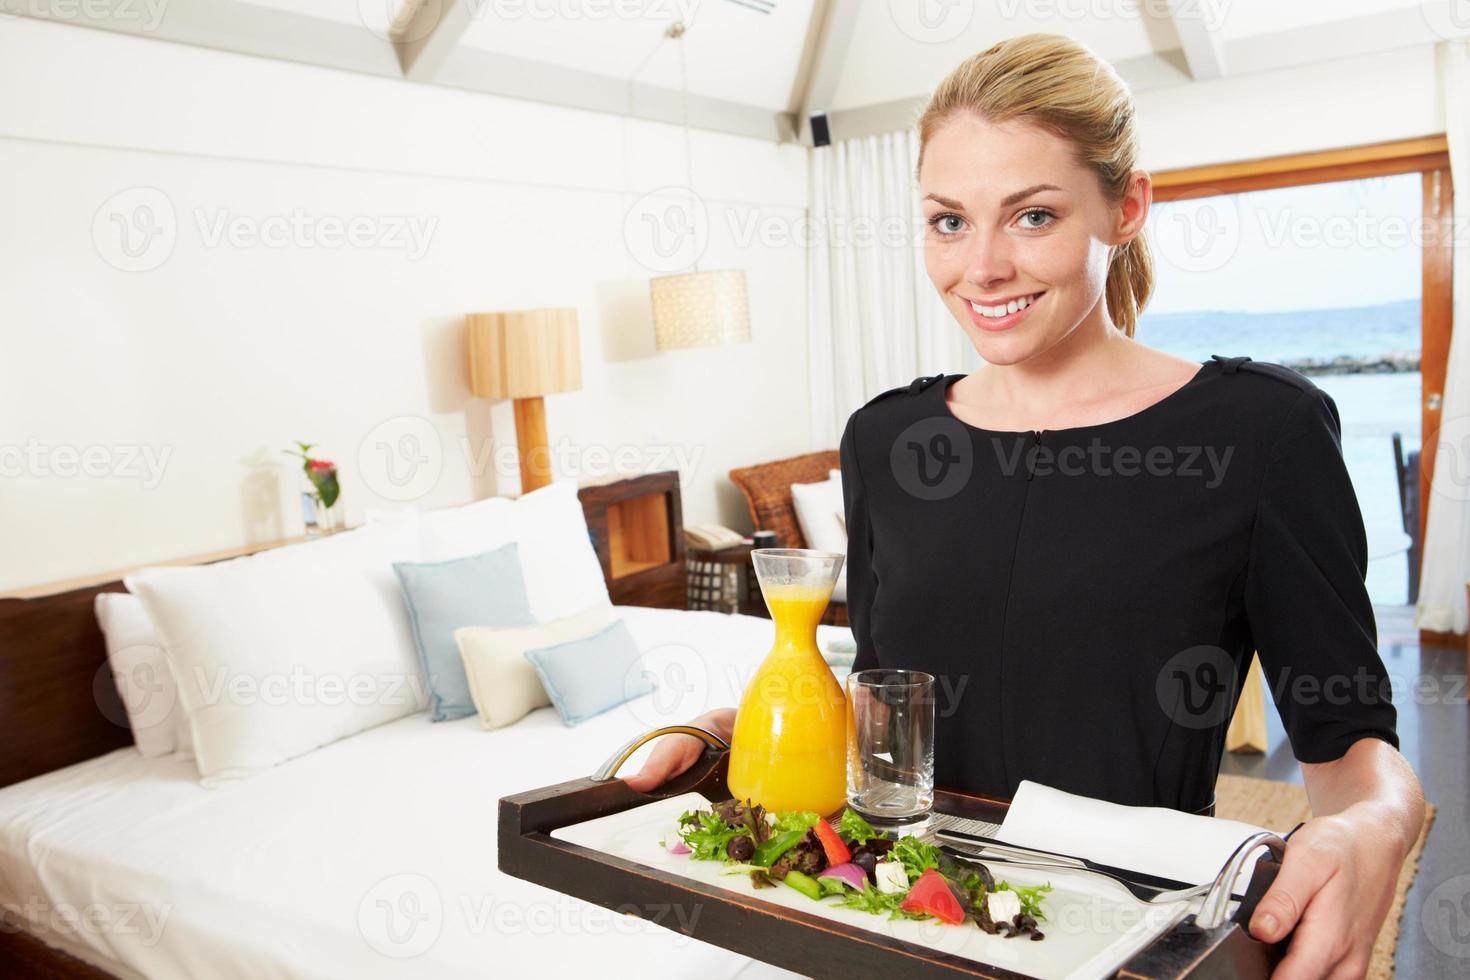 retrato de funcionário de hotel entregando refeição no serviço de quarto foto